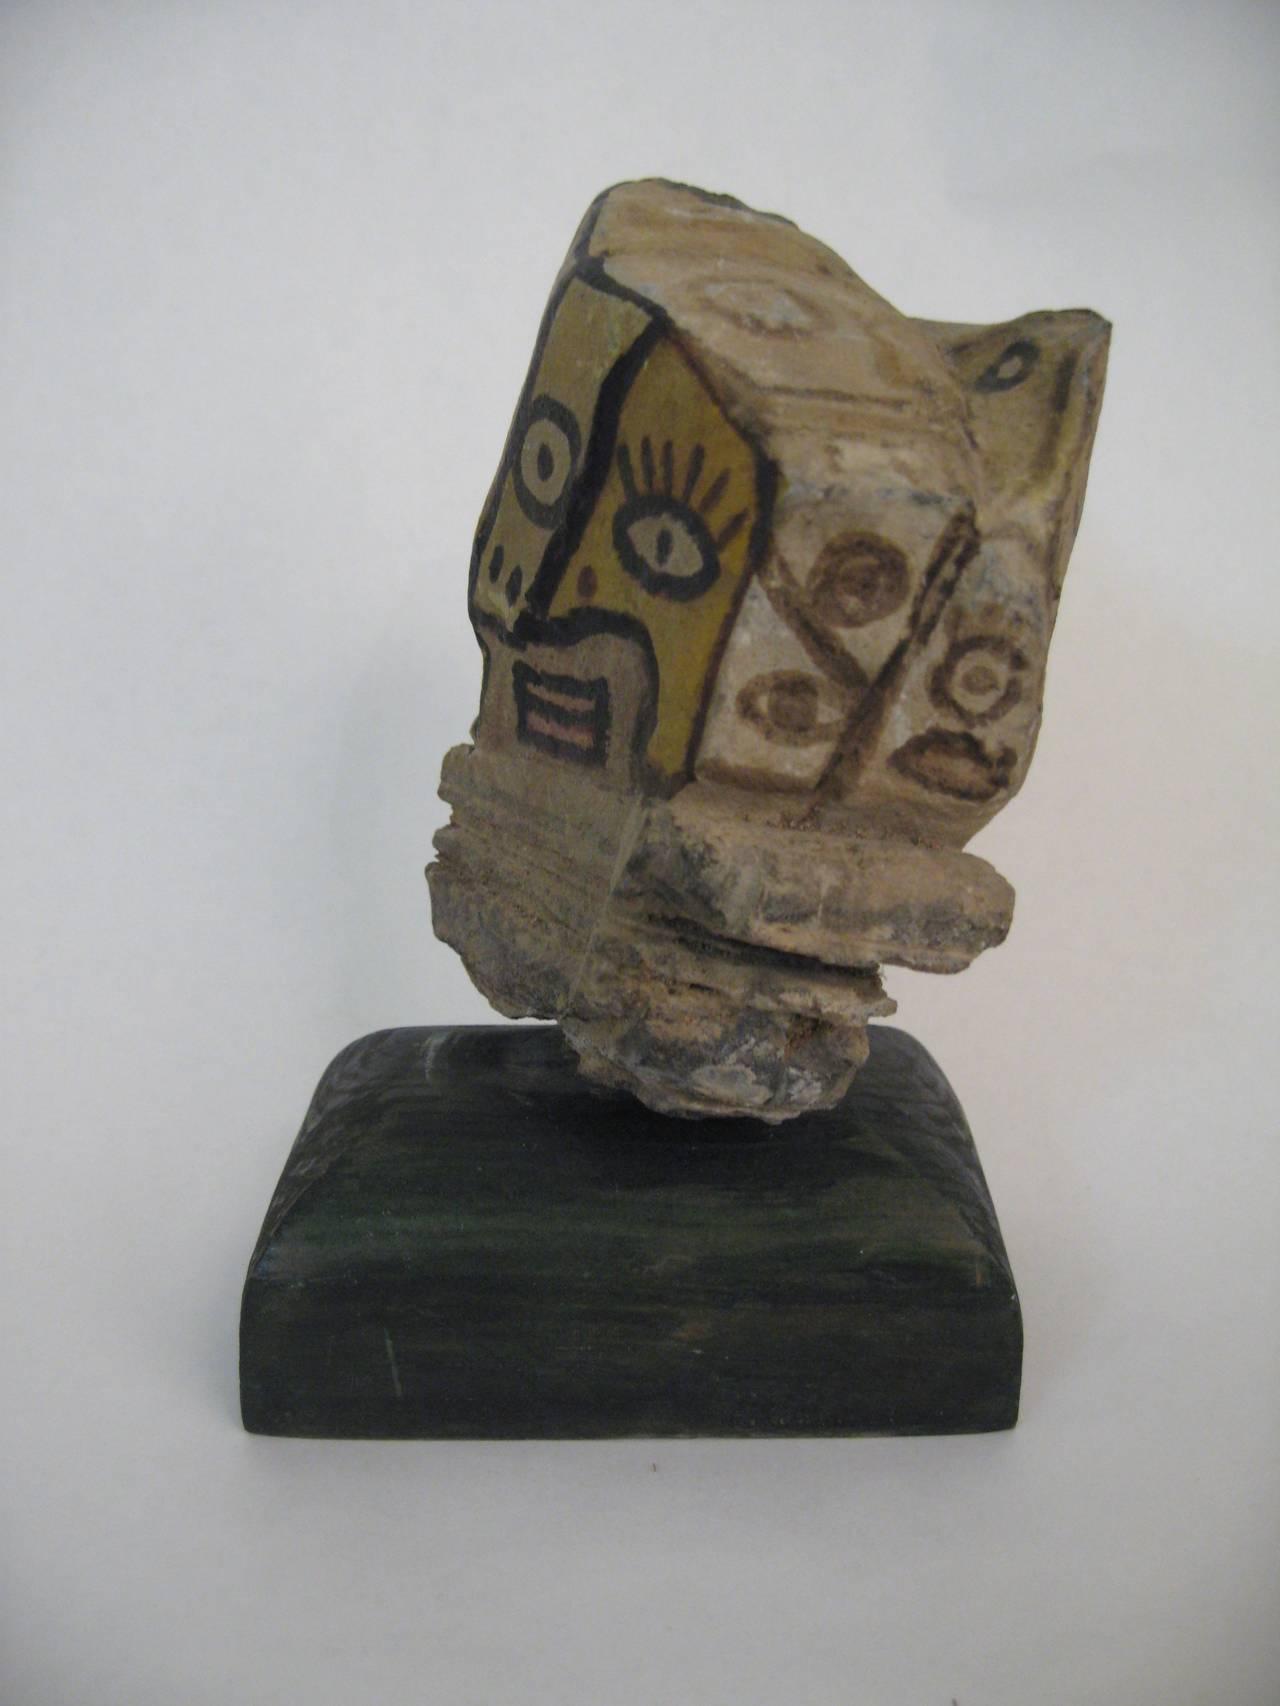 Modern primitive stone painted quot faces sculpture for sale